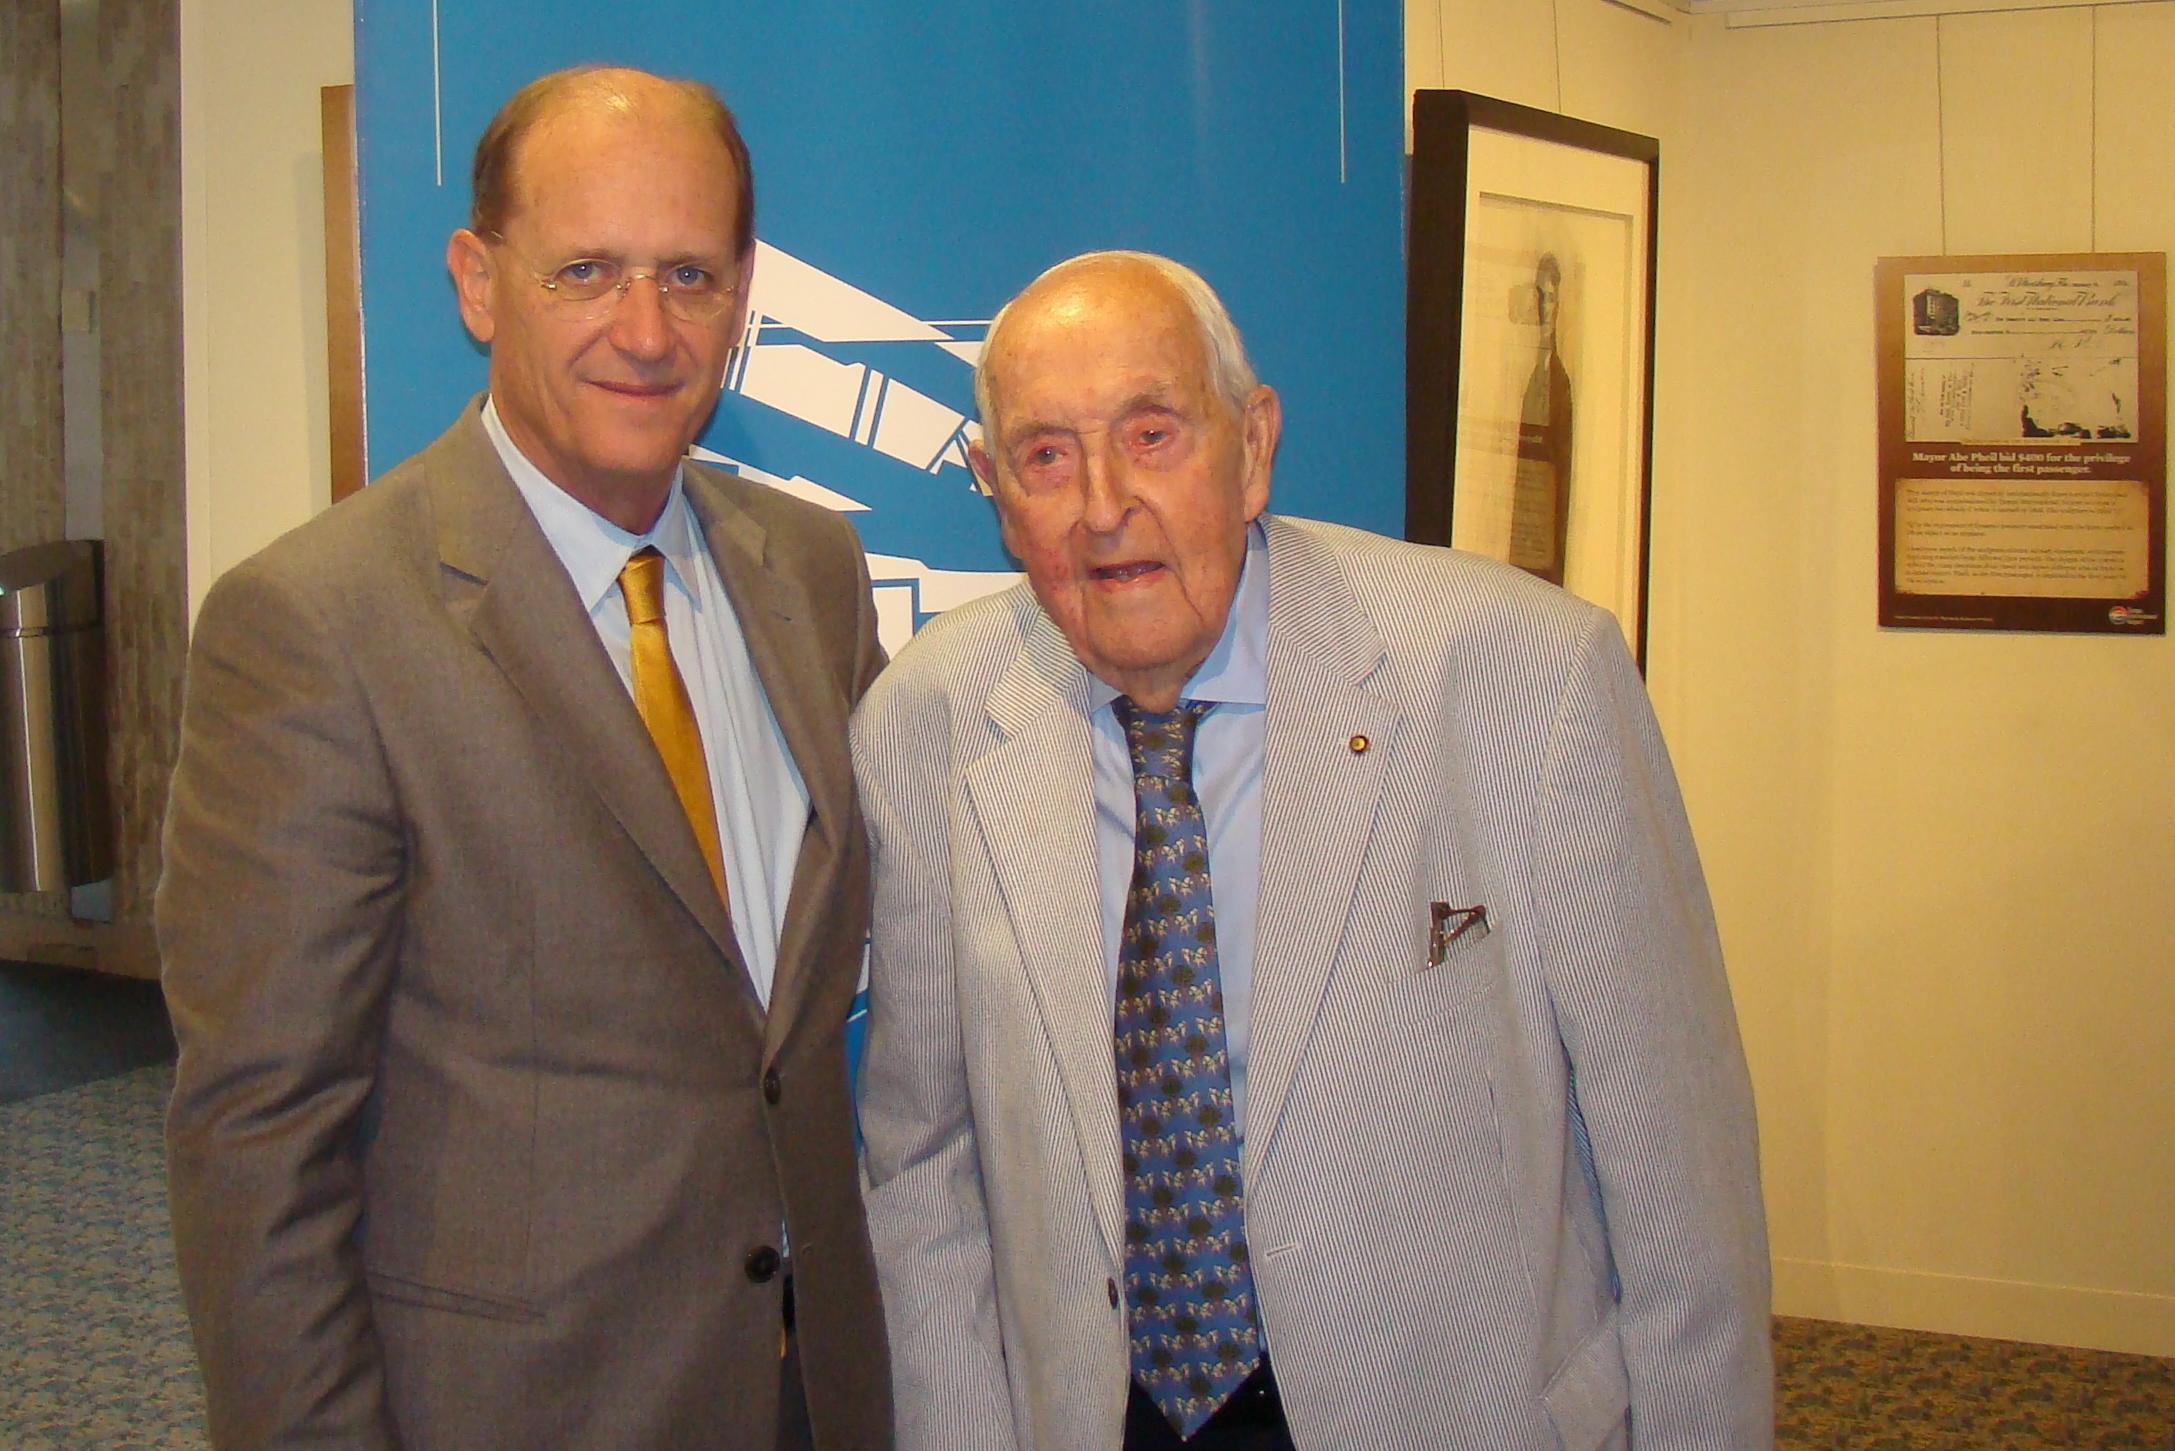 Richard H. Anderson & Sir Lenox Hewitt - 1, 15 Nov '13.JPG